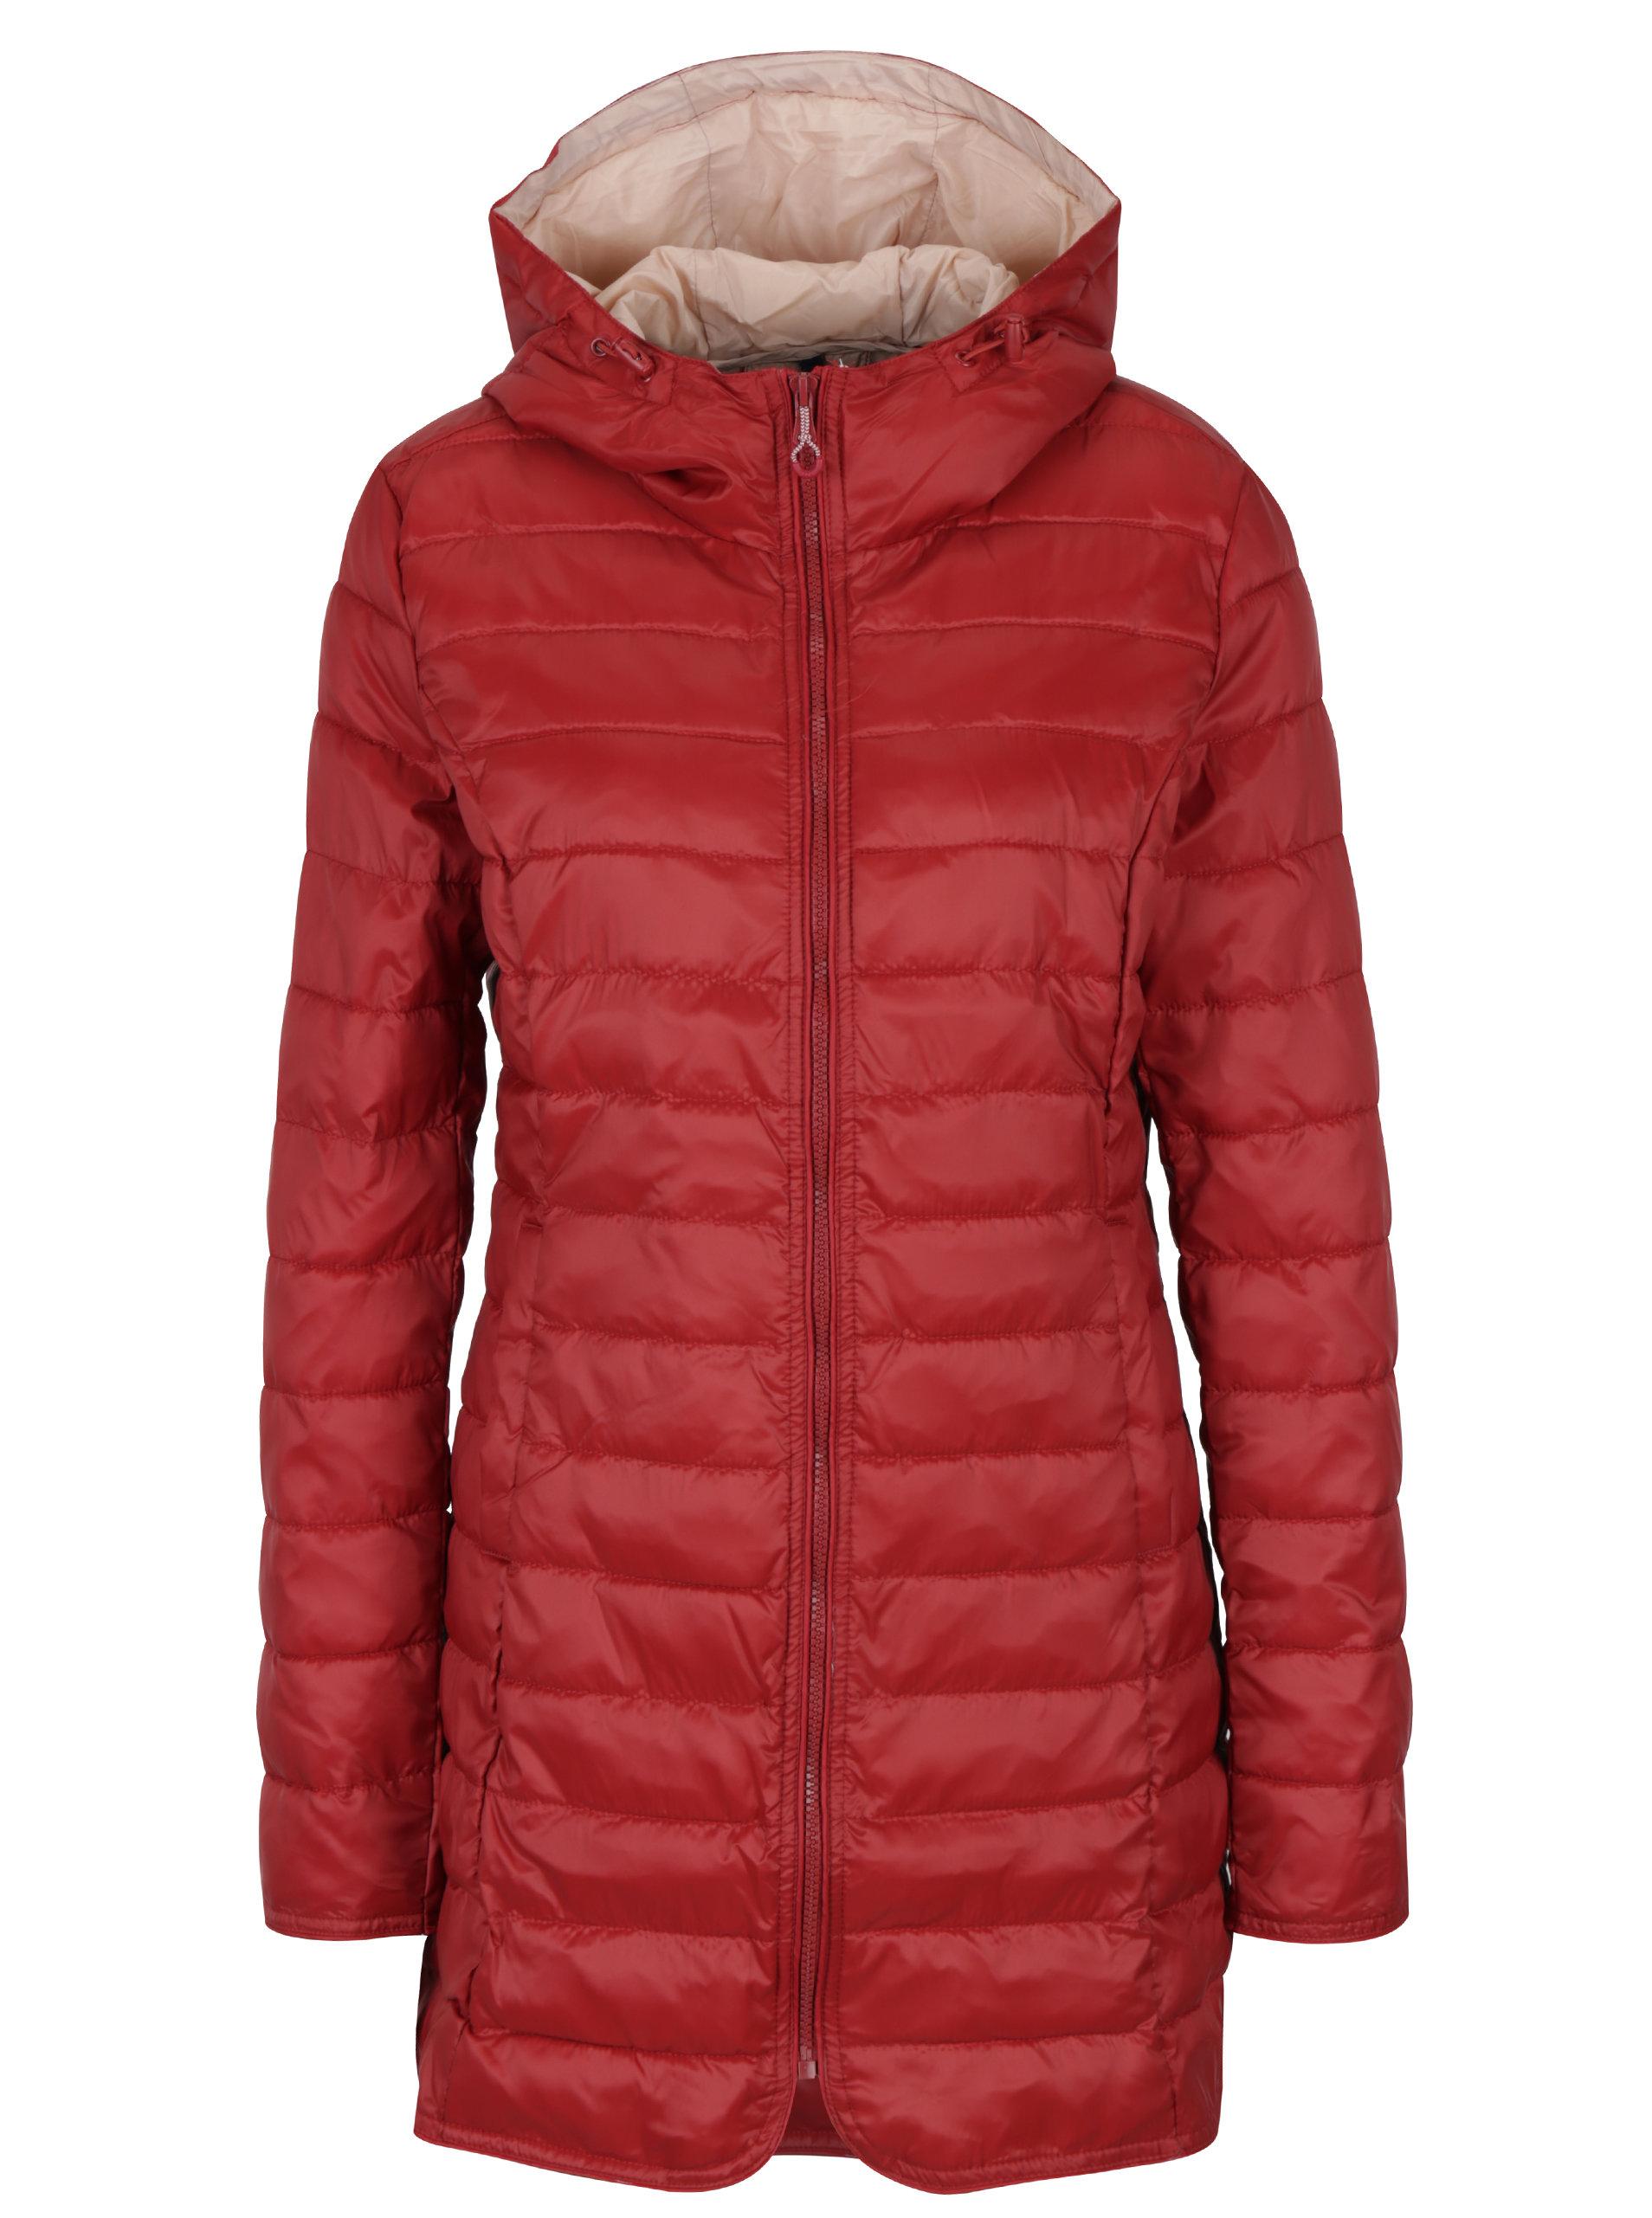 Červený prešívaný kabát s kapucňou ONLY Tahoe ... e4faaf343f6